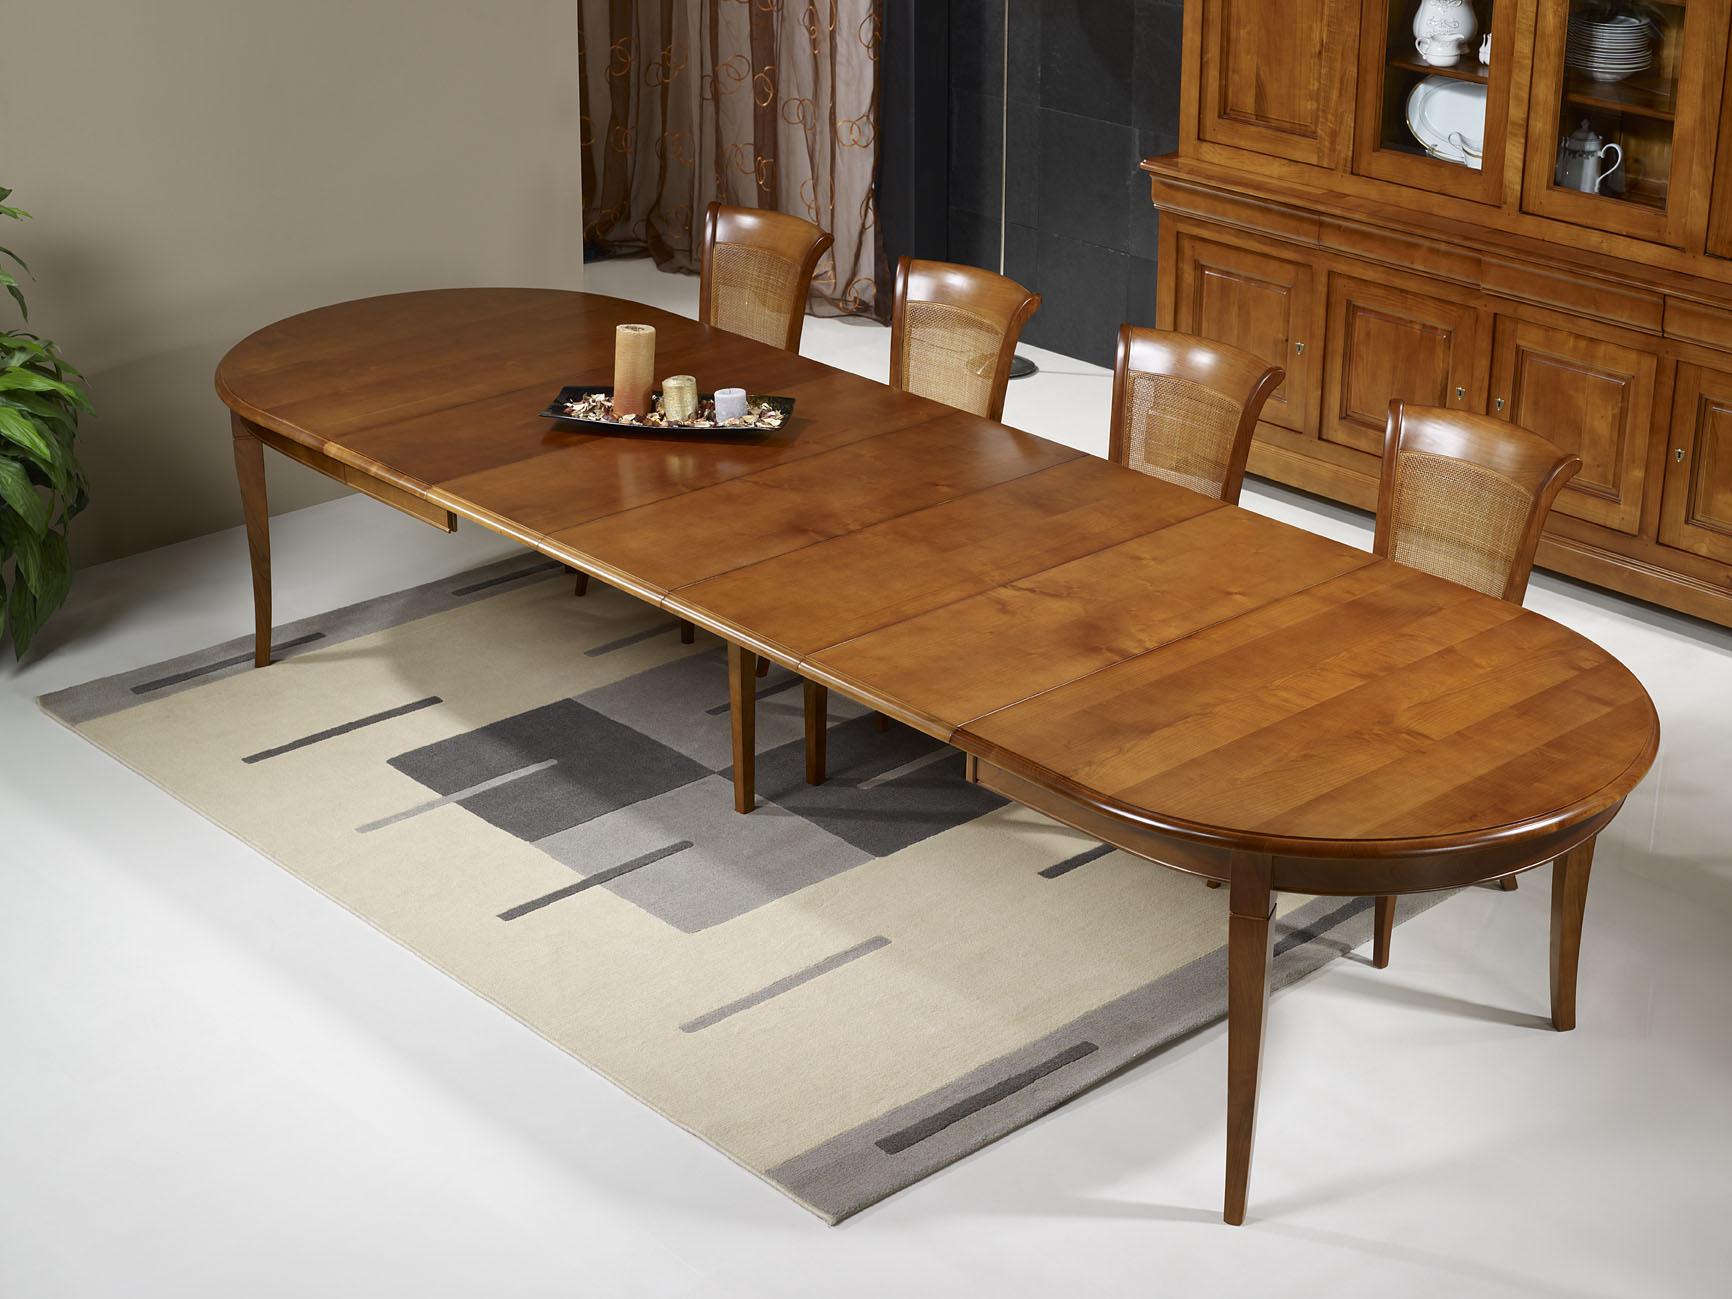 Table Ovale De Salle A Manger170 110 En Merisier Massif De Style